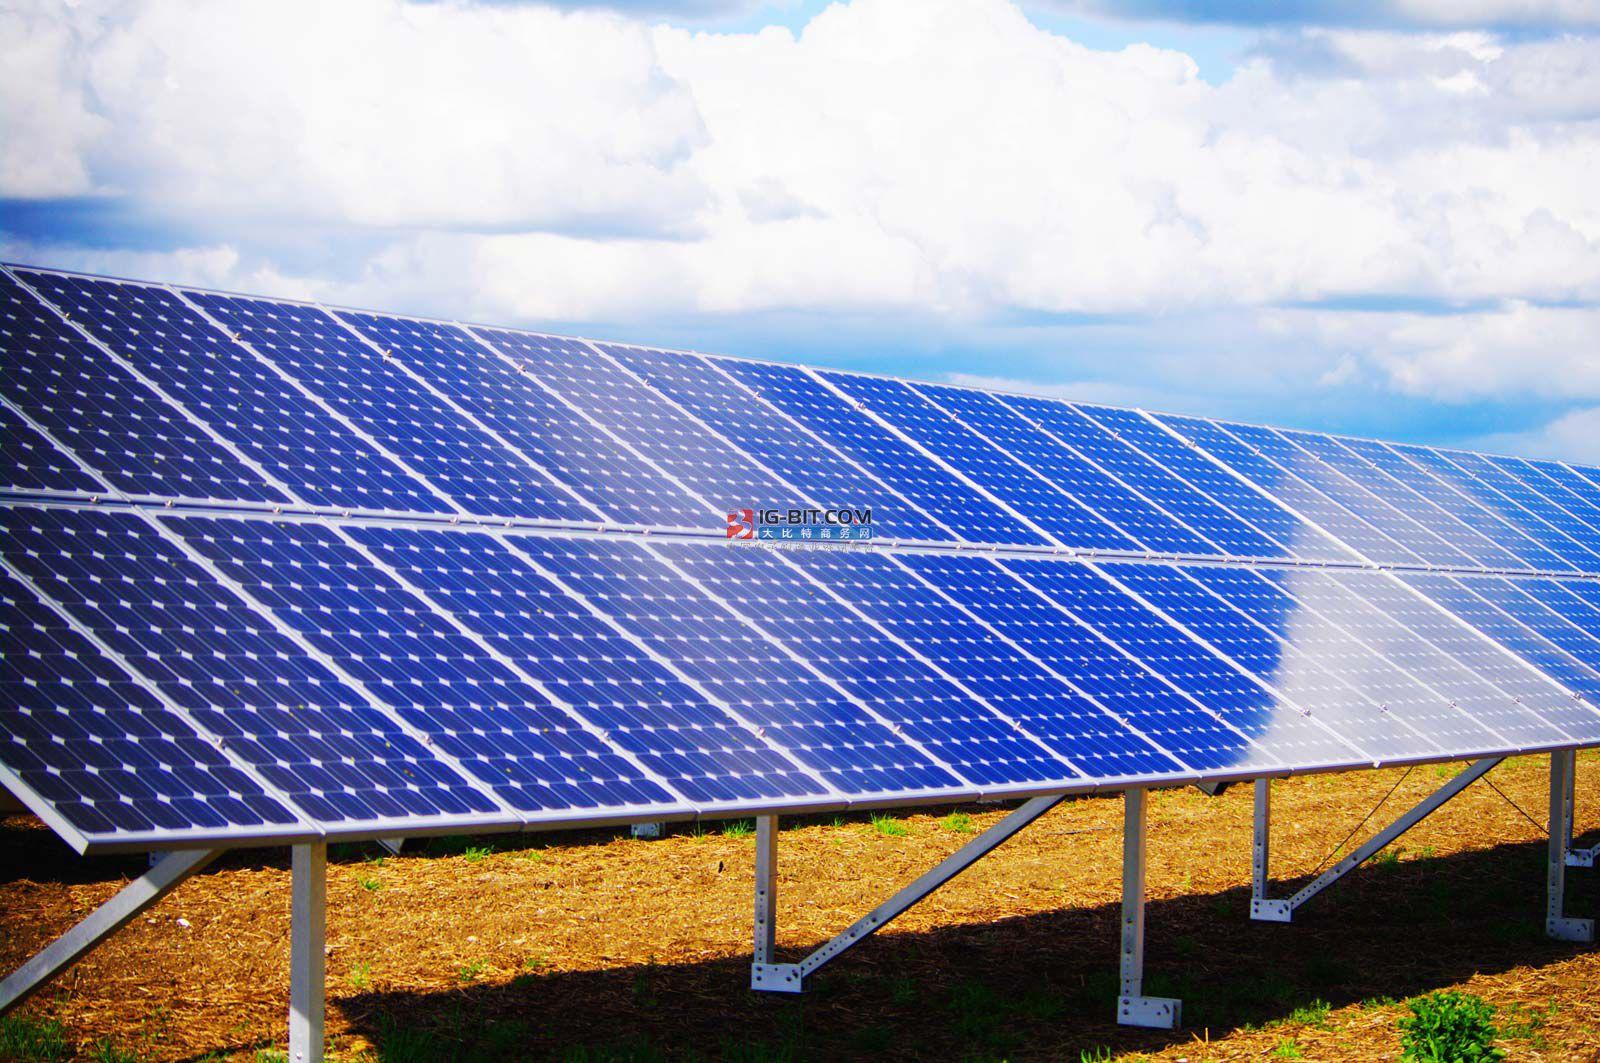 吉瓦级超级太阳能园区推动印度能源转型